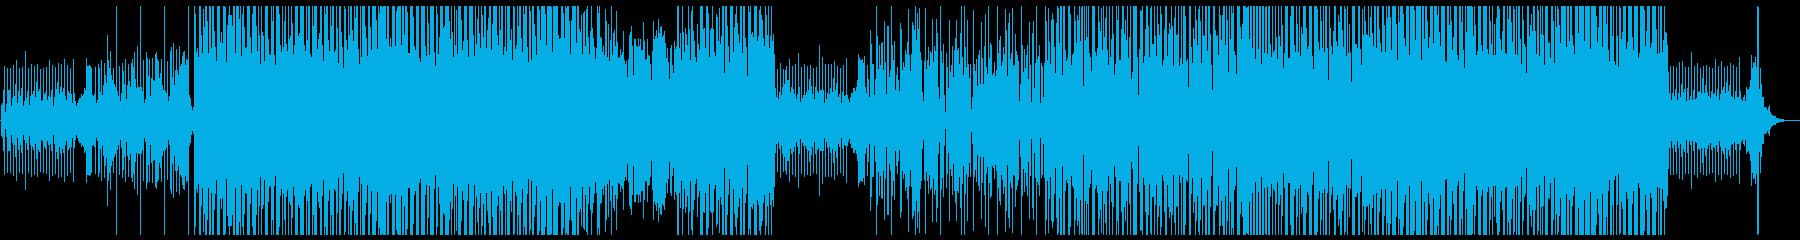 少し不思議な感じのあるポップピアノの再生済みの波形